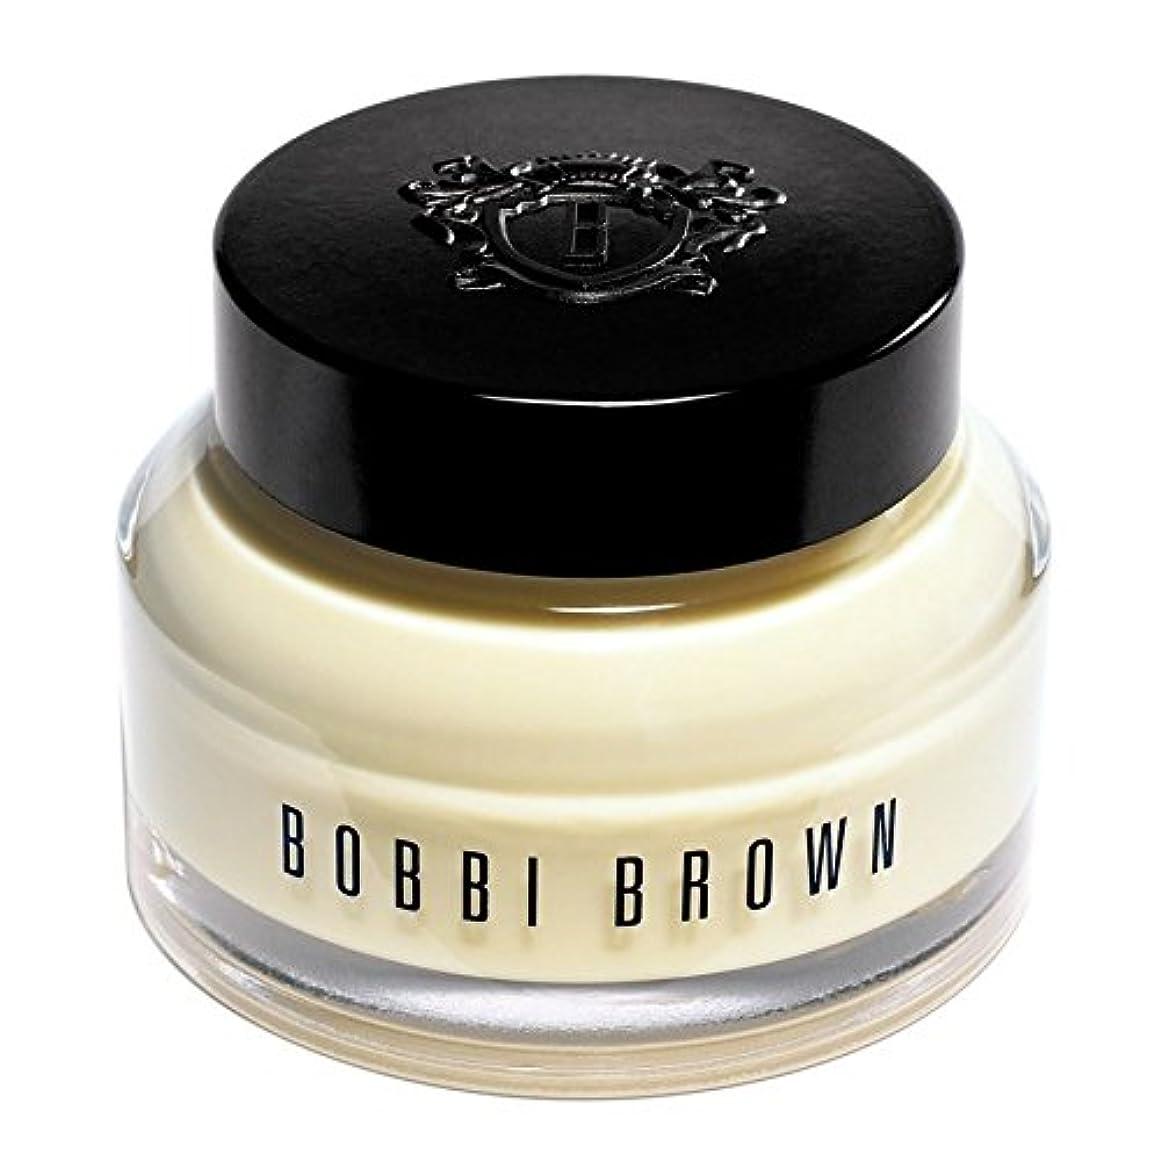 稼ぐ曲がった贅沢な[Bobbi Brown] ボビーブラウンビタミンに富んだ顔ベース - Bobbi Brown Vitamin Enriched Face Base [並行輸入品]